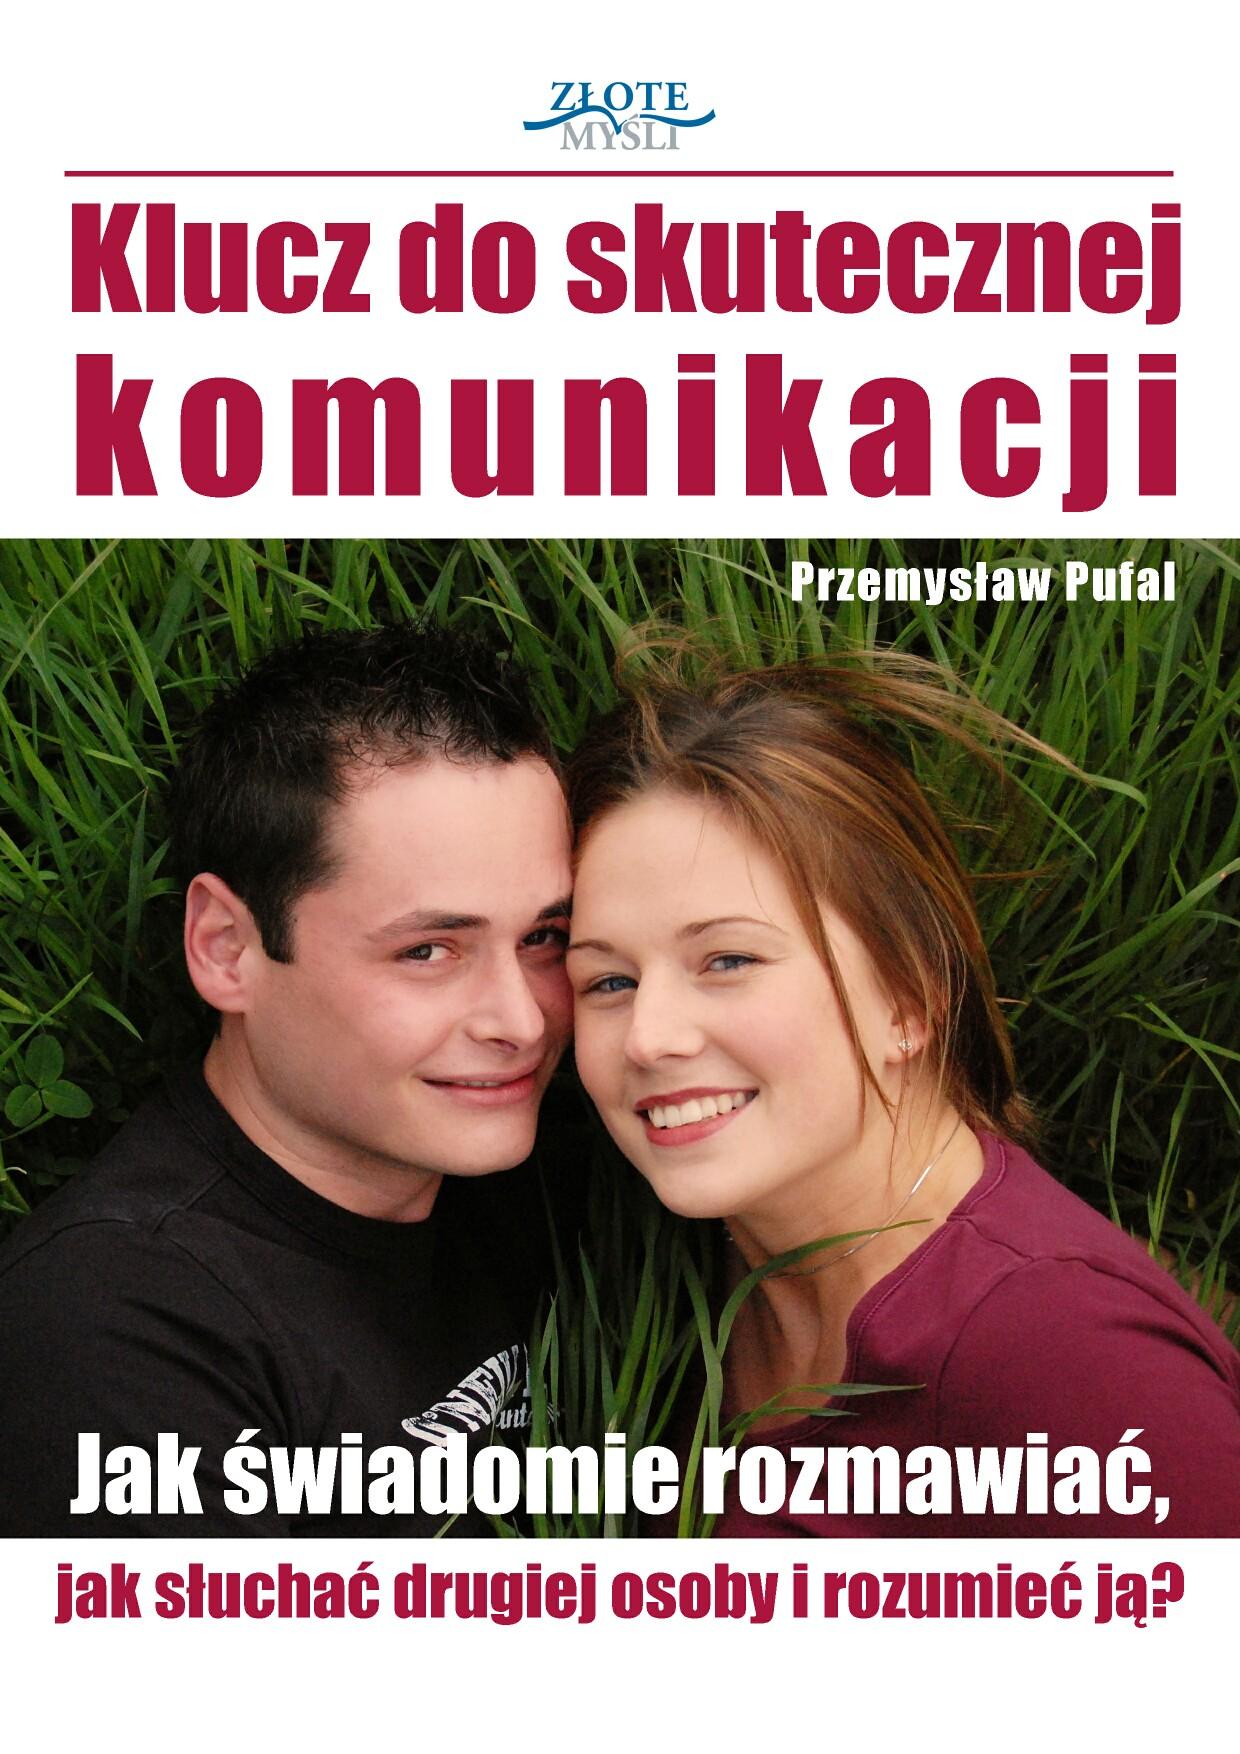 Przemysław Pufal: Klucz do skutecznej komunikacji - okładka